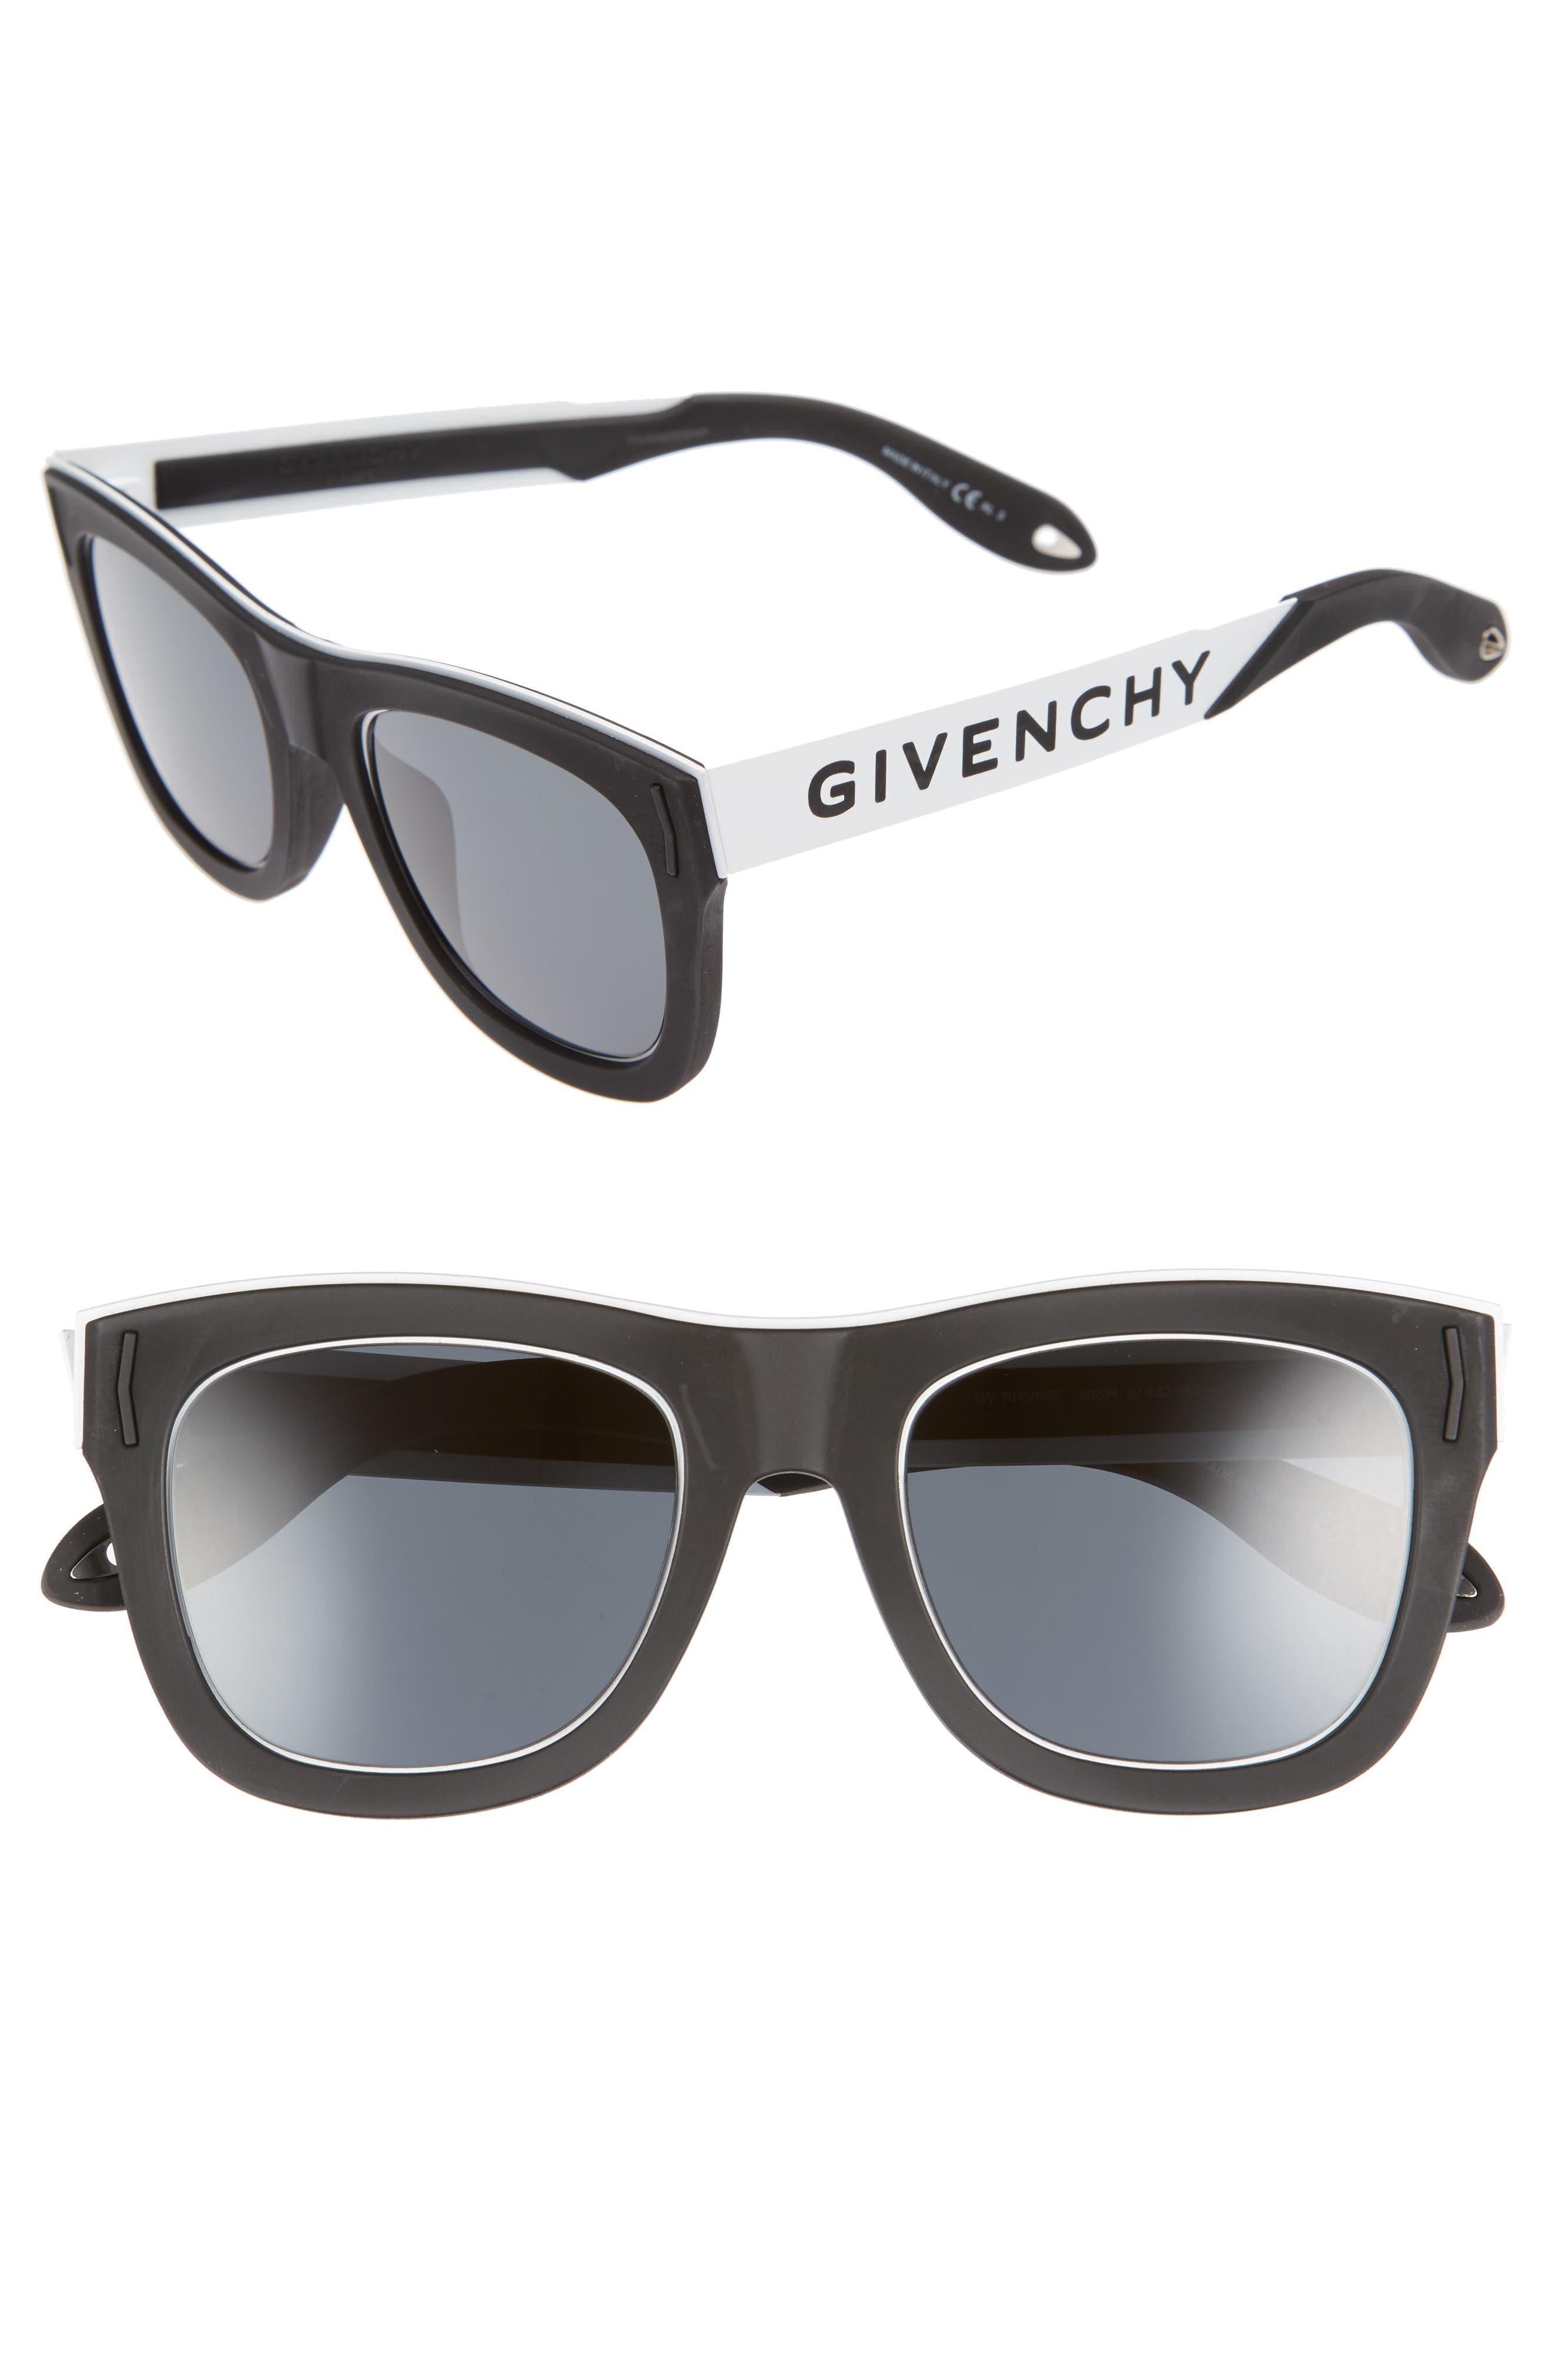 52mm Gradient Lens Sunglasses,                         Main,                         color, 001